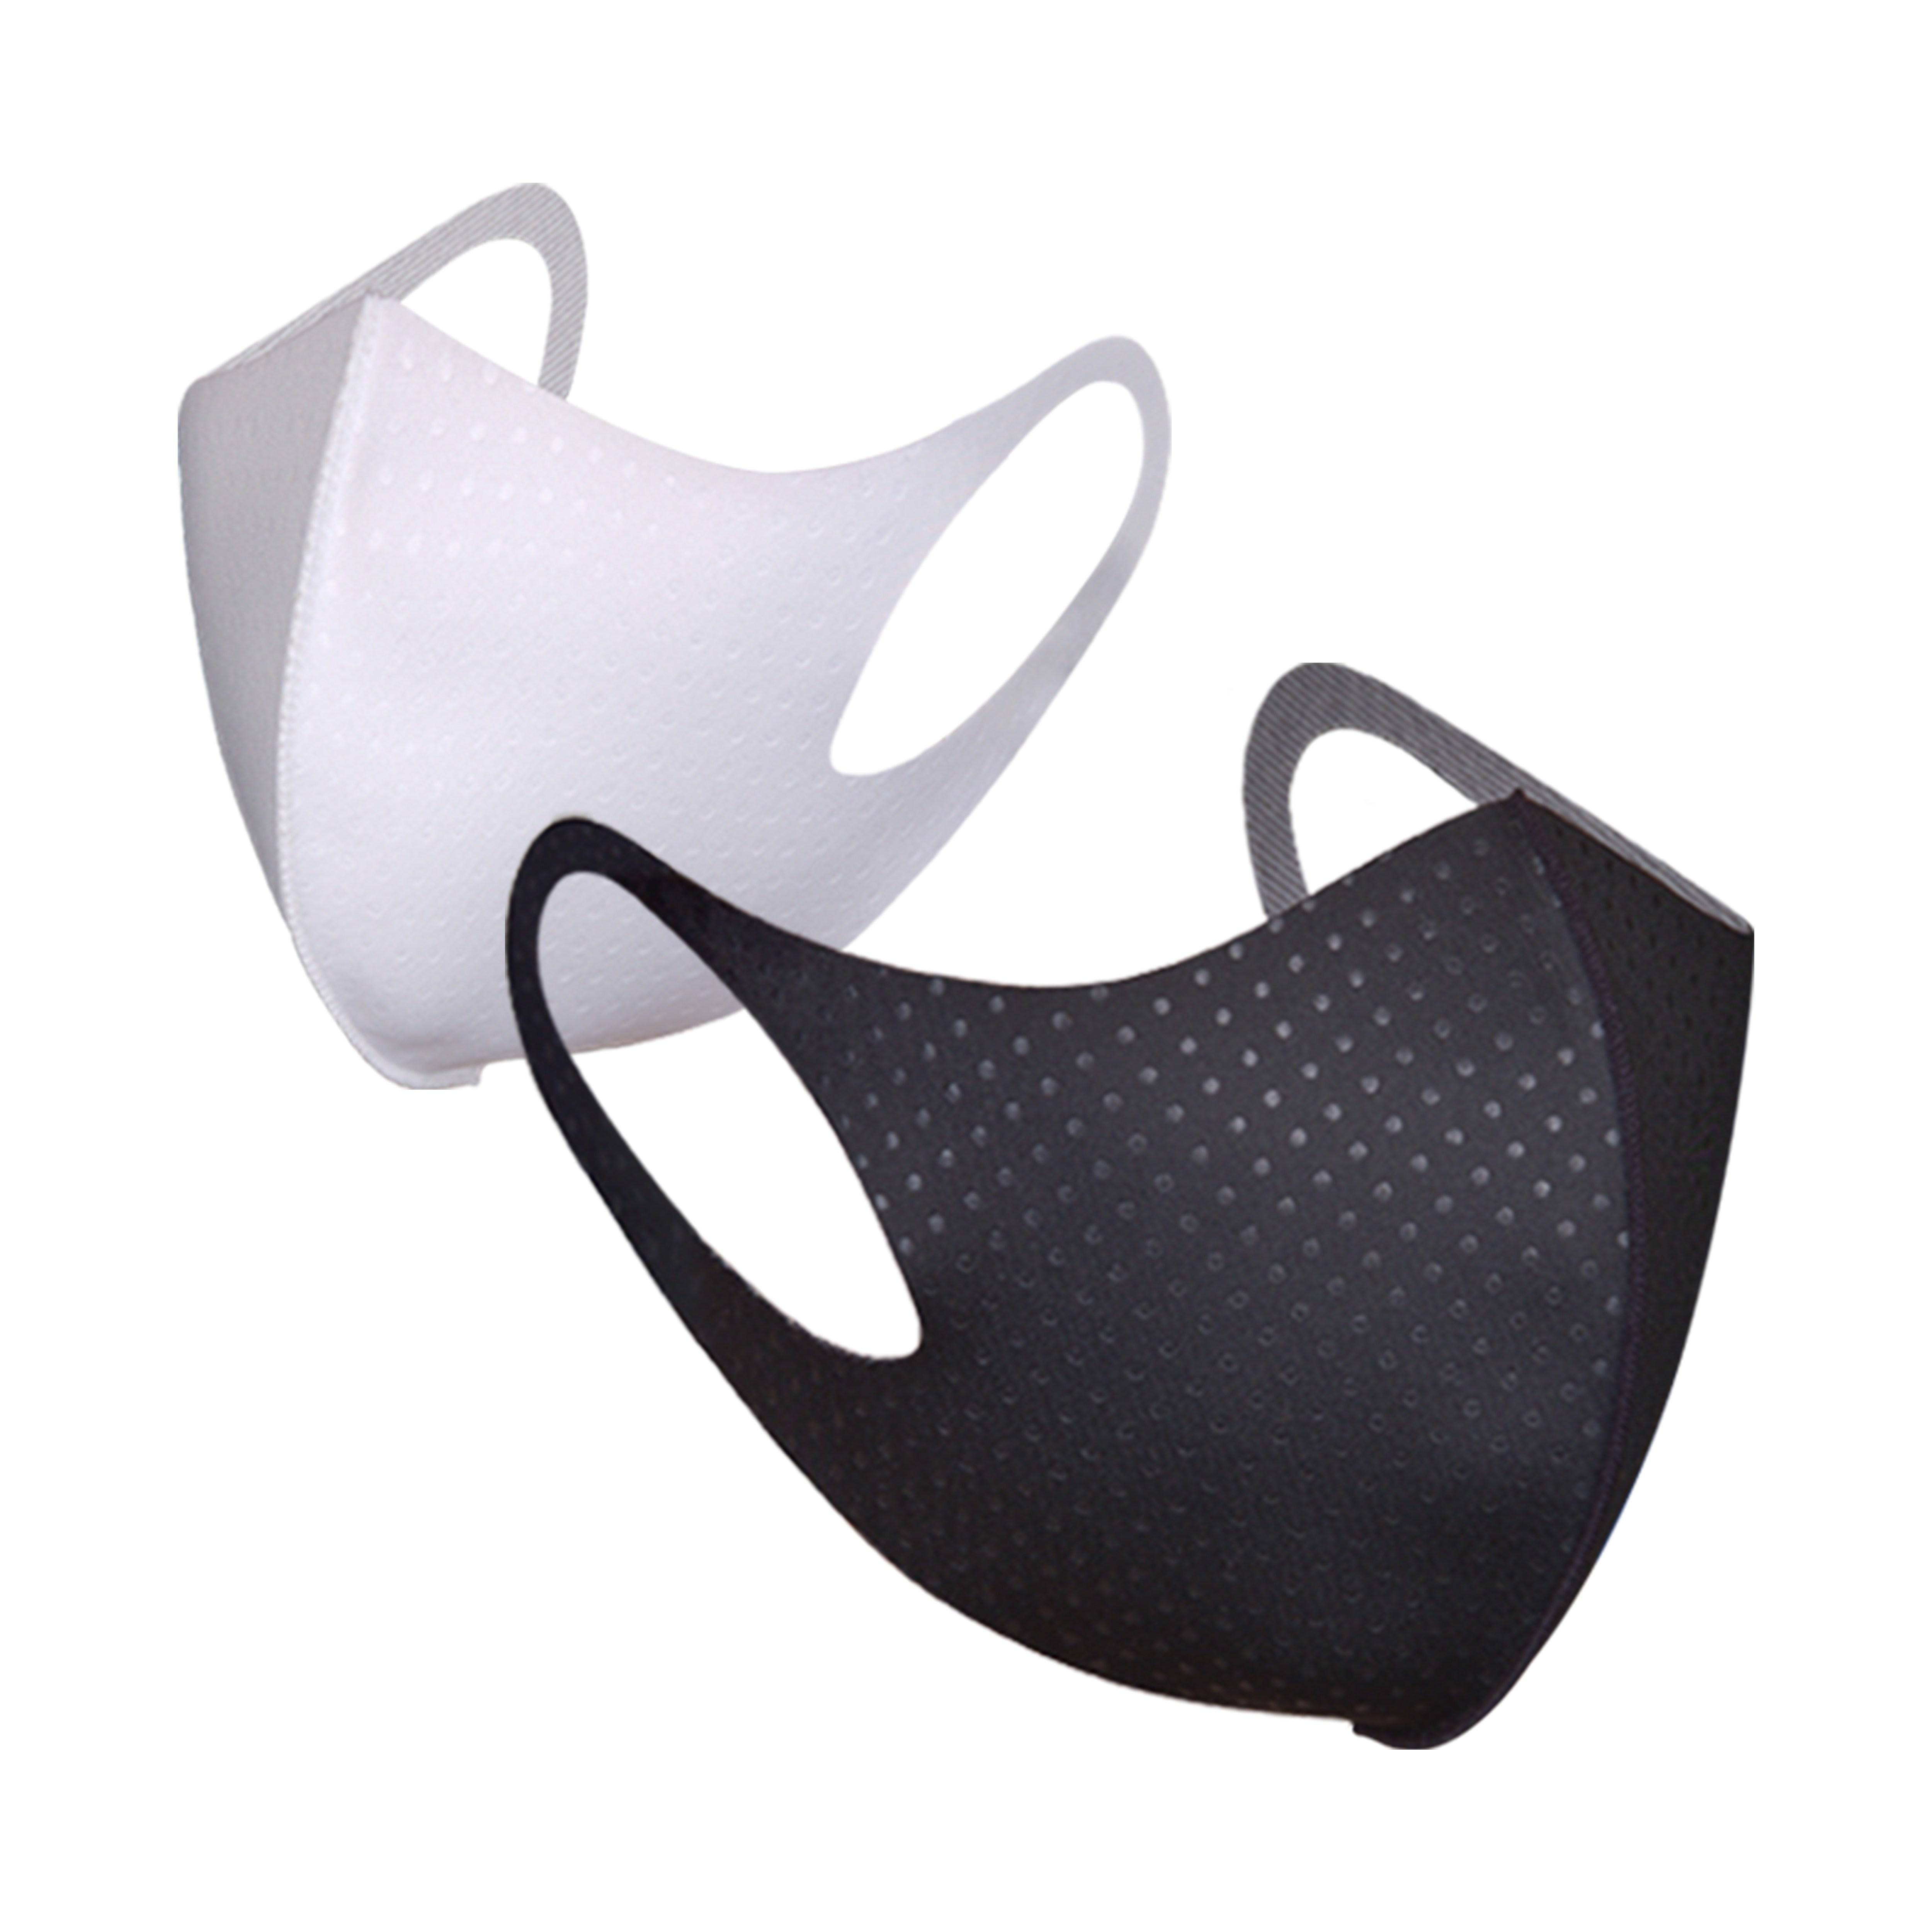 [리릿] 4매_3D 입체 항균 패션 쿨 마스크 기능성 구리원사 자외선차단 빨아쓰는 재사용가능 냉감